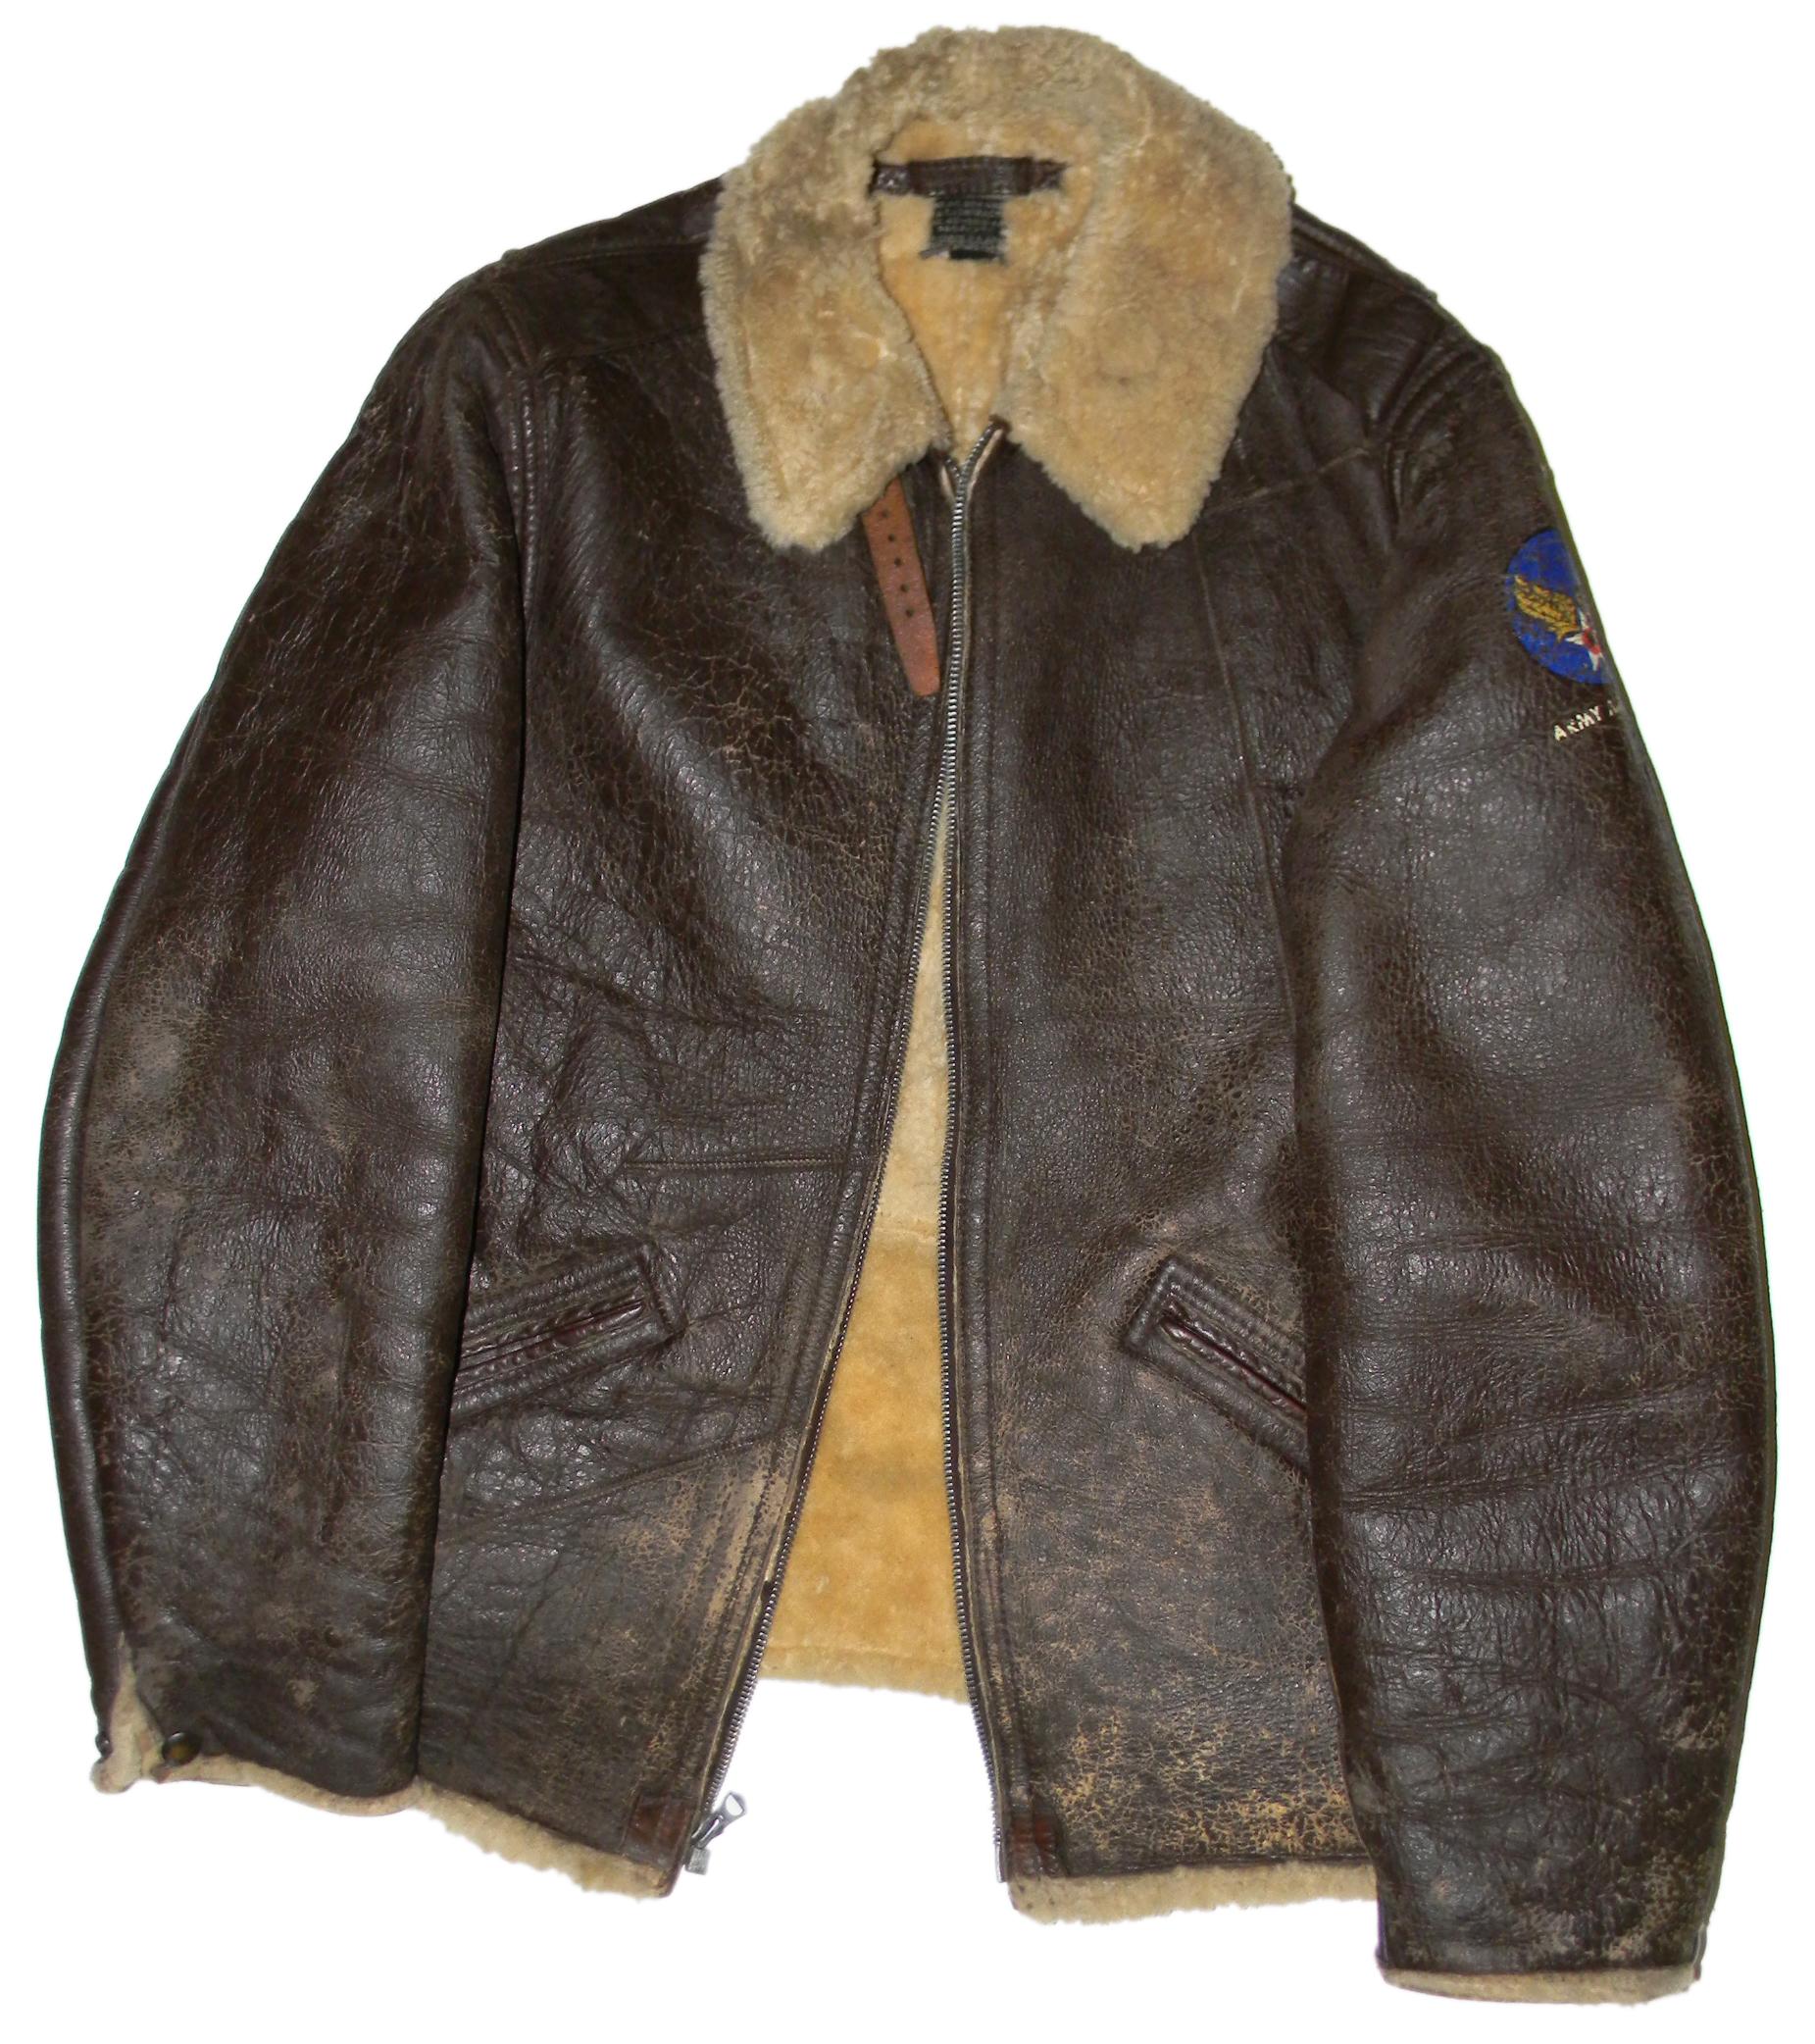 AAF B-6 flying jacket